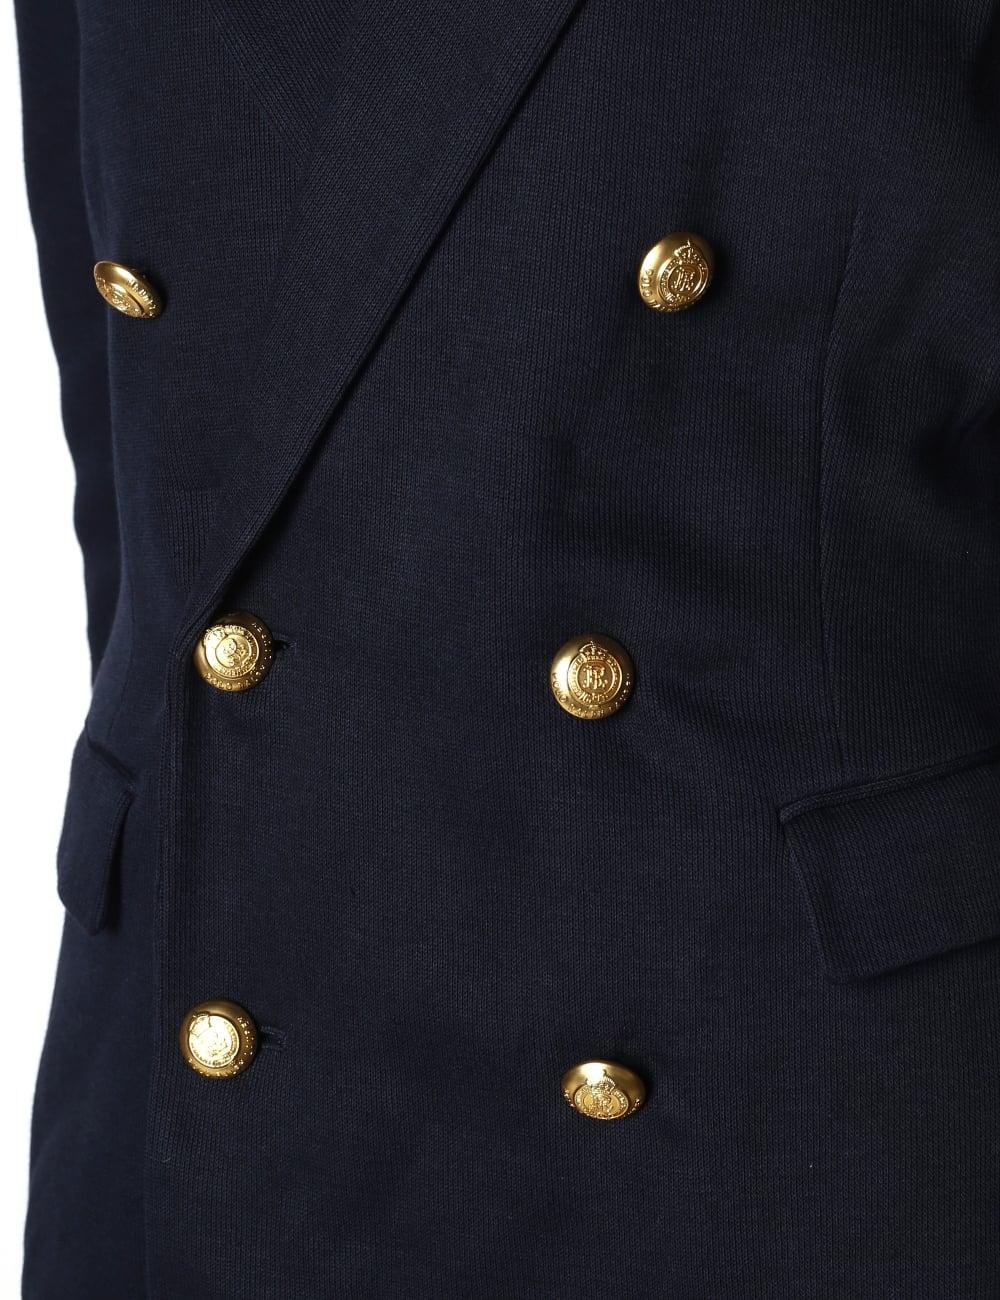 606732f5 Polo Ralph Lauren Women's Double Breasted Blazer Jacket